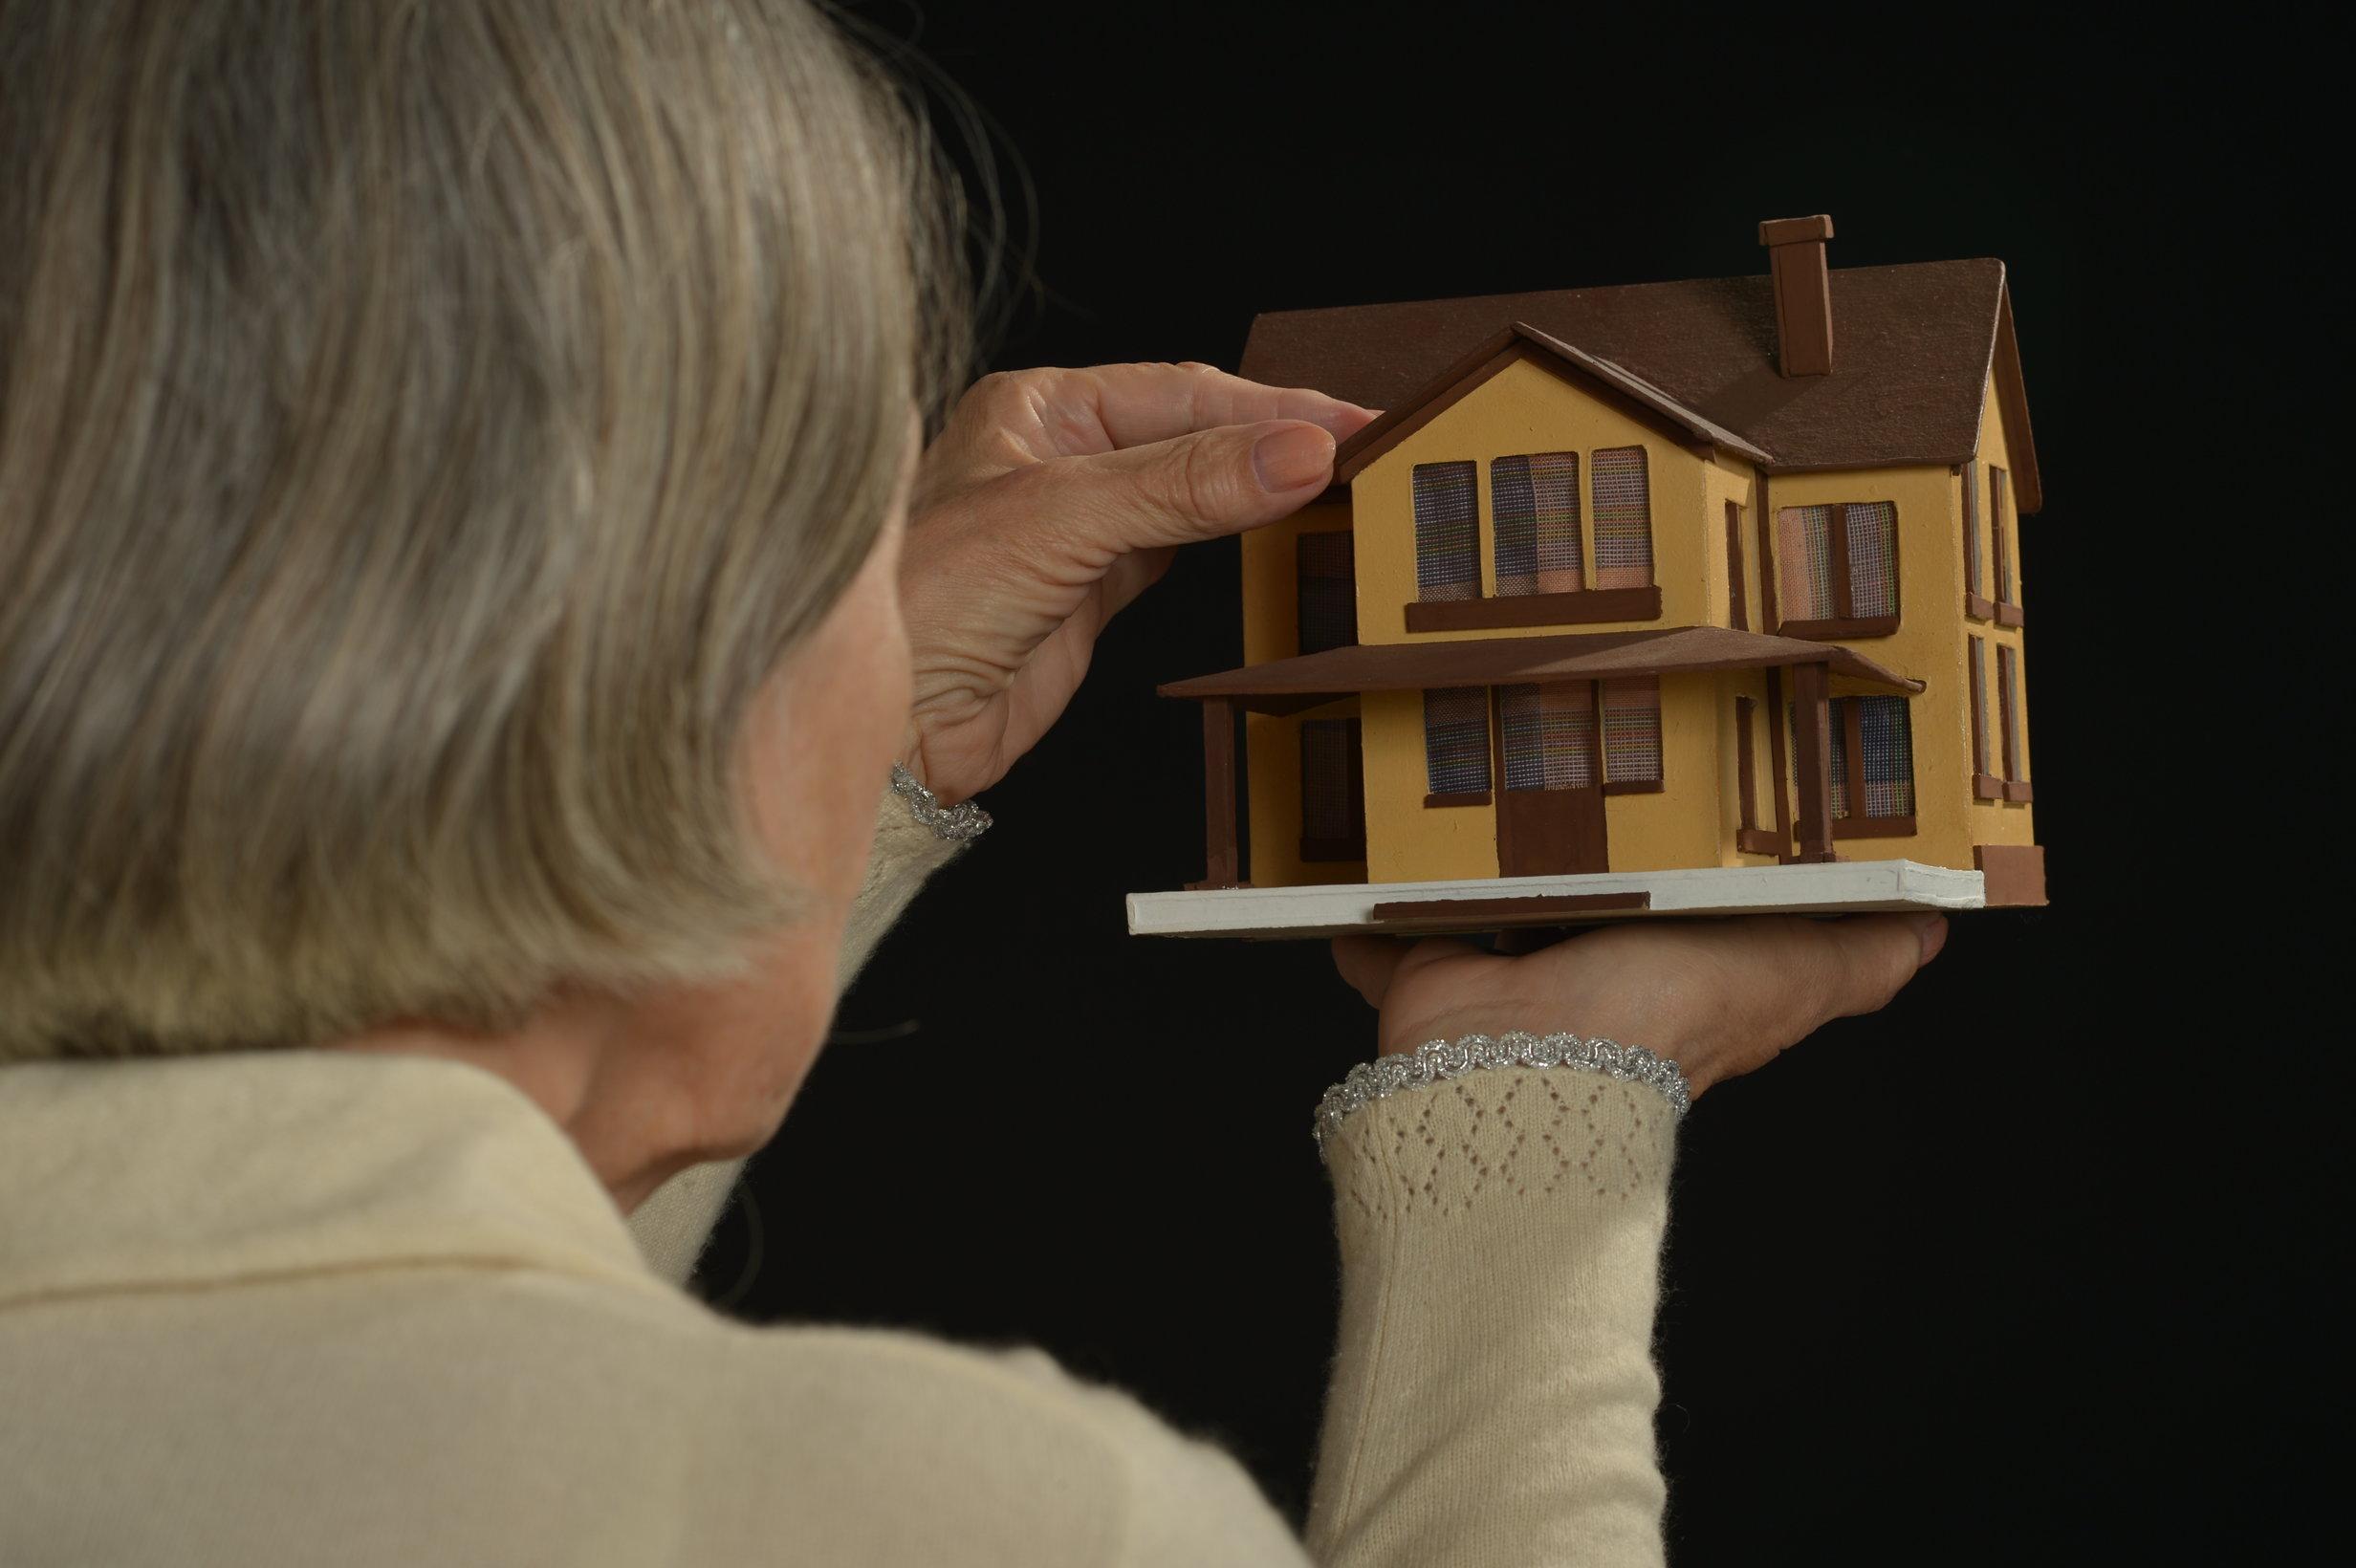 SCHL, prix d'un logement, appartement pour personnes âgées